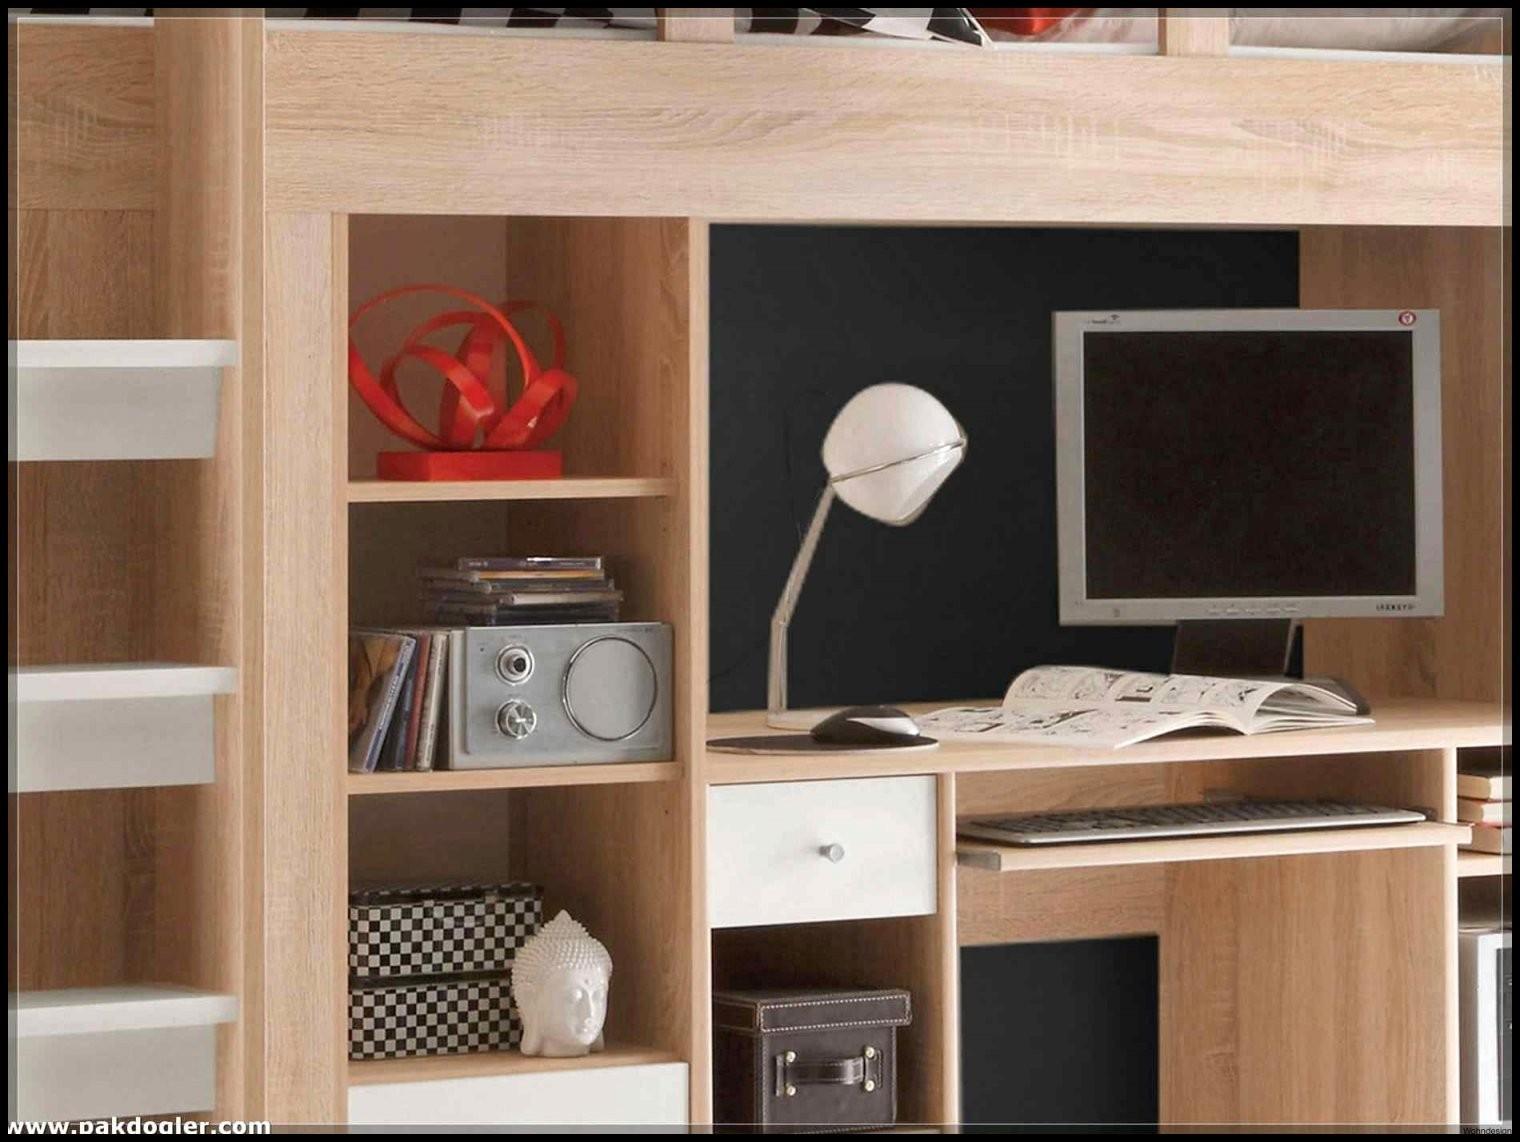 Hochbett Für Erwachsene 140X200 104611 Ikearegal Und Paletten von Hochbett Für Erwachsene 140X200 Photo